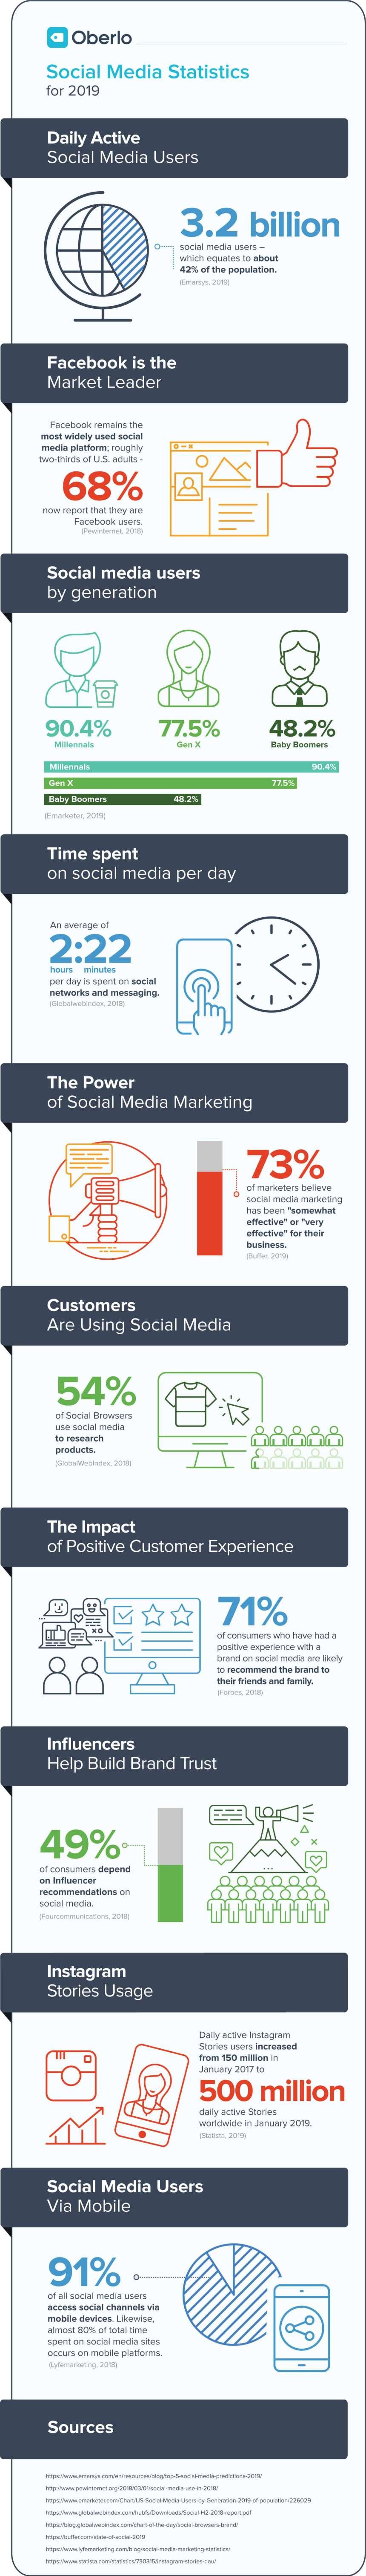 10 estadísticas sobre redes sociales que debes conocer